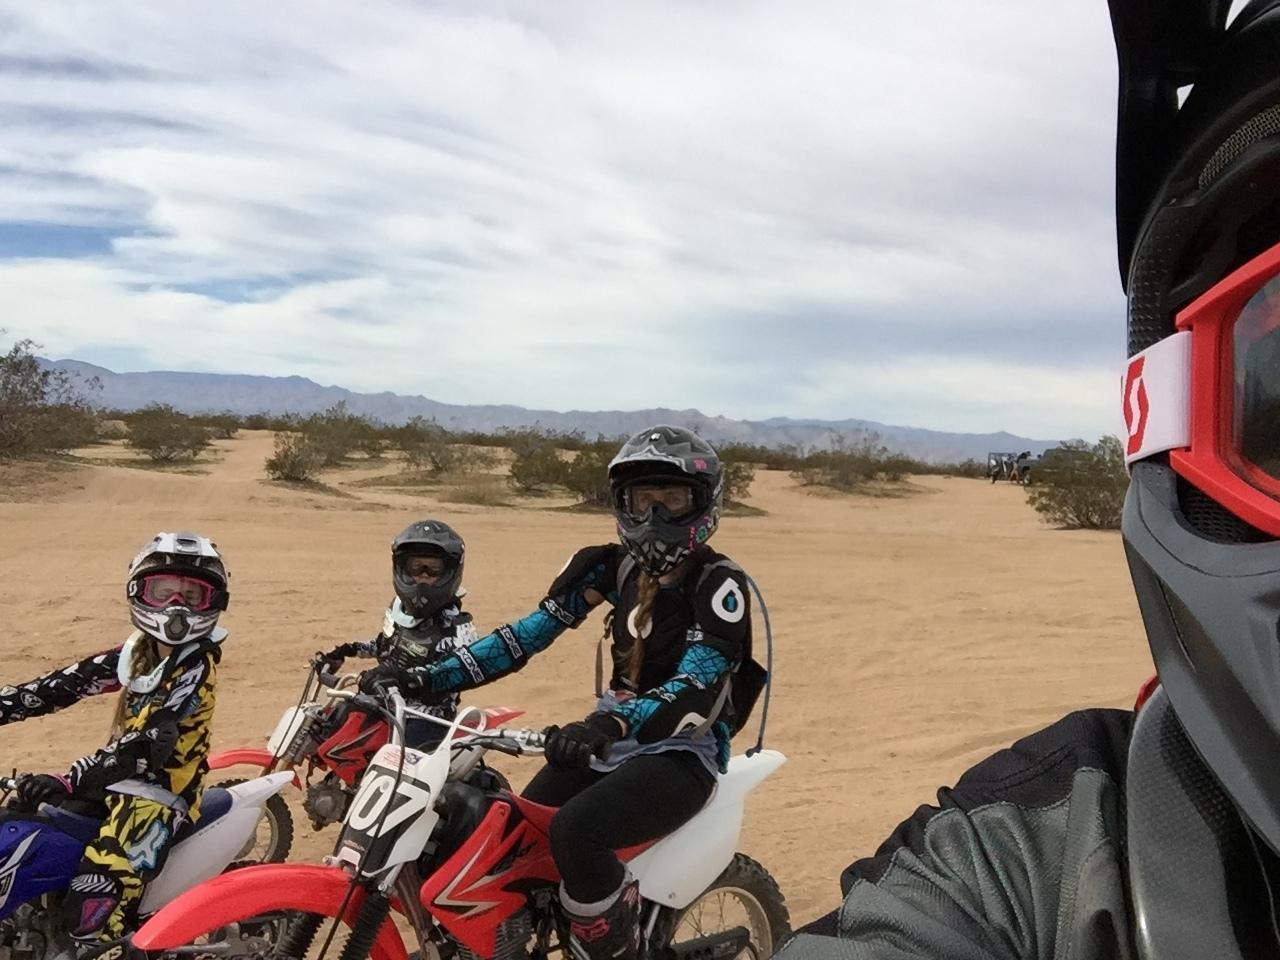 Dirt biking family